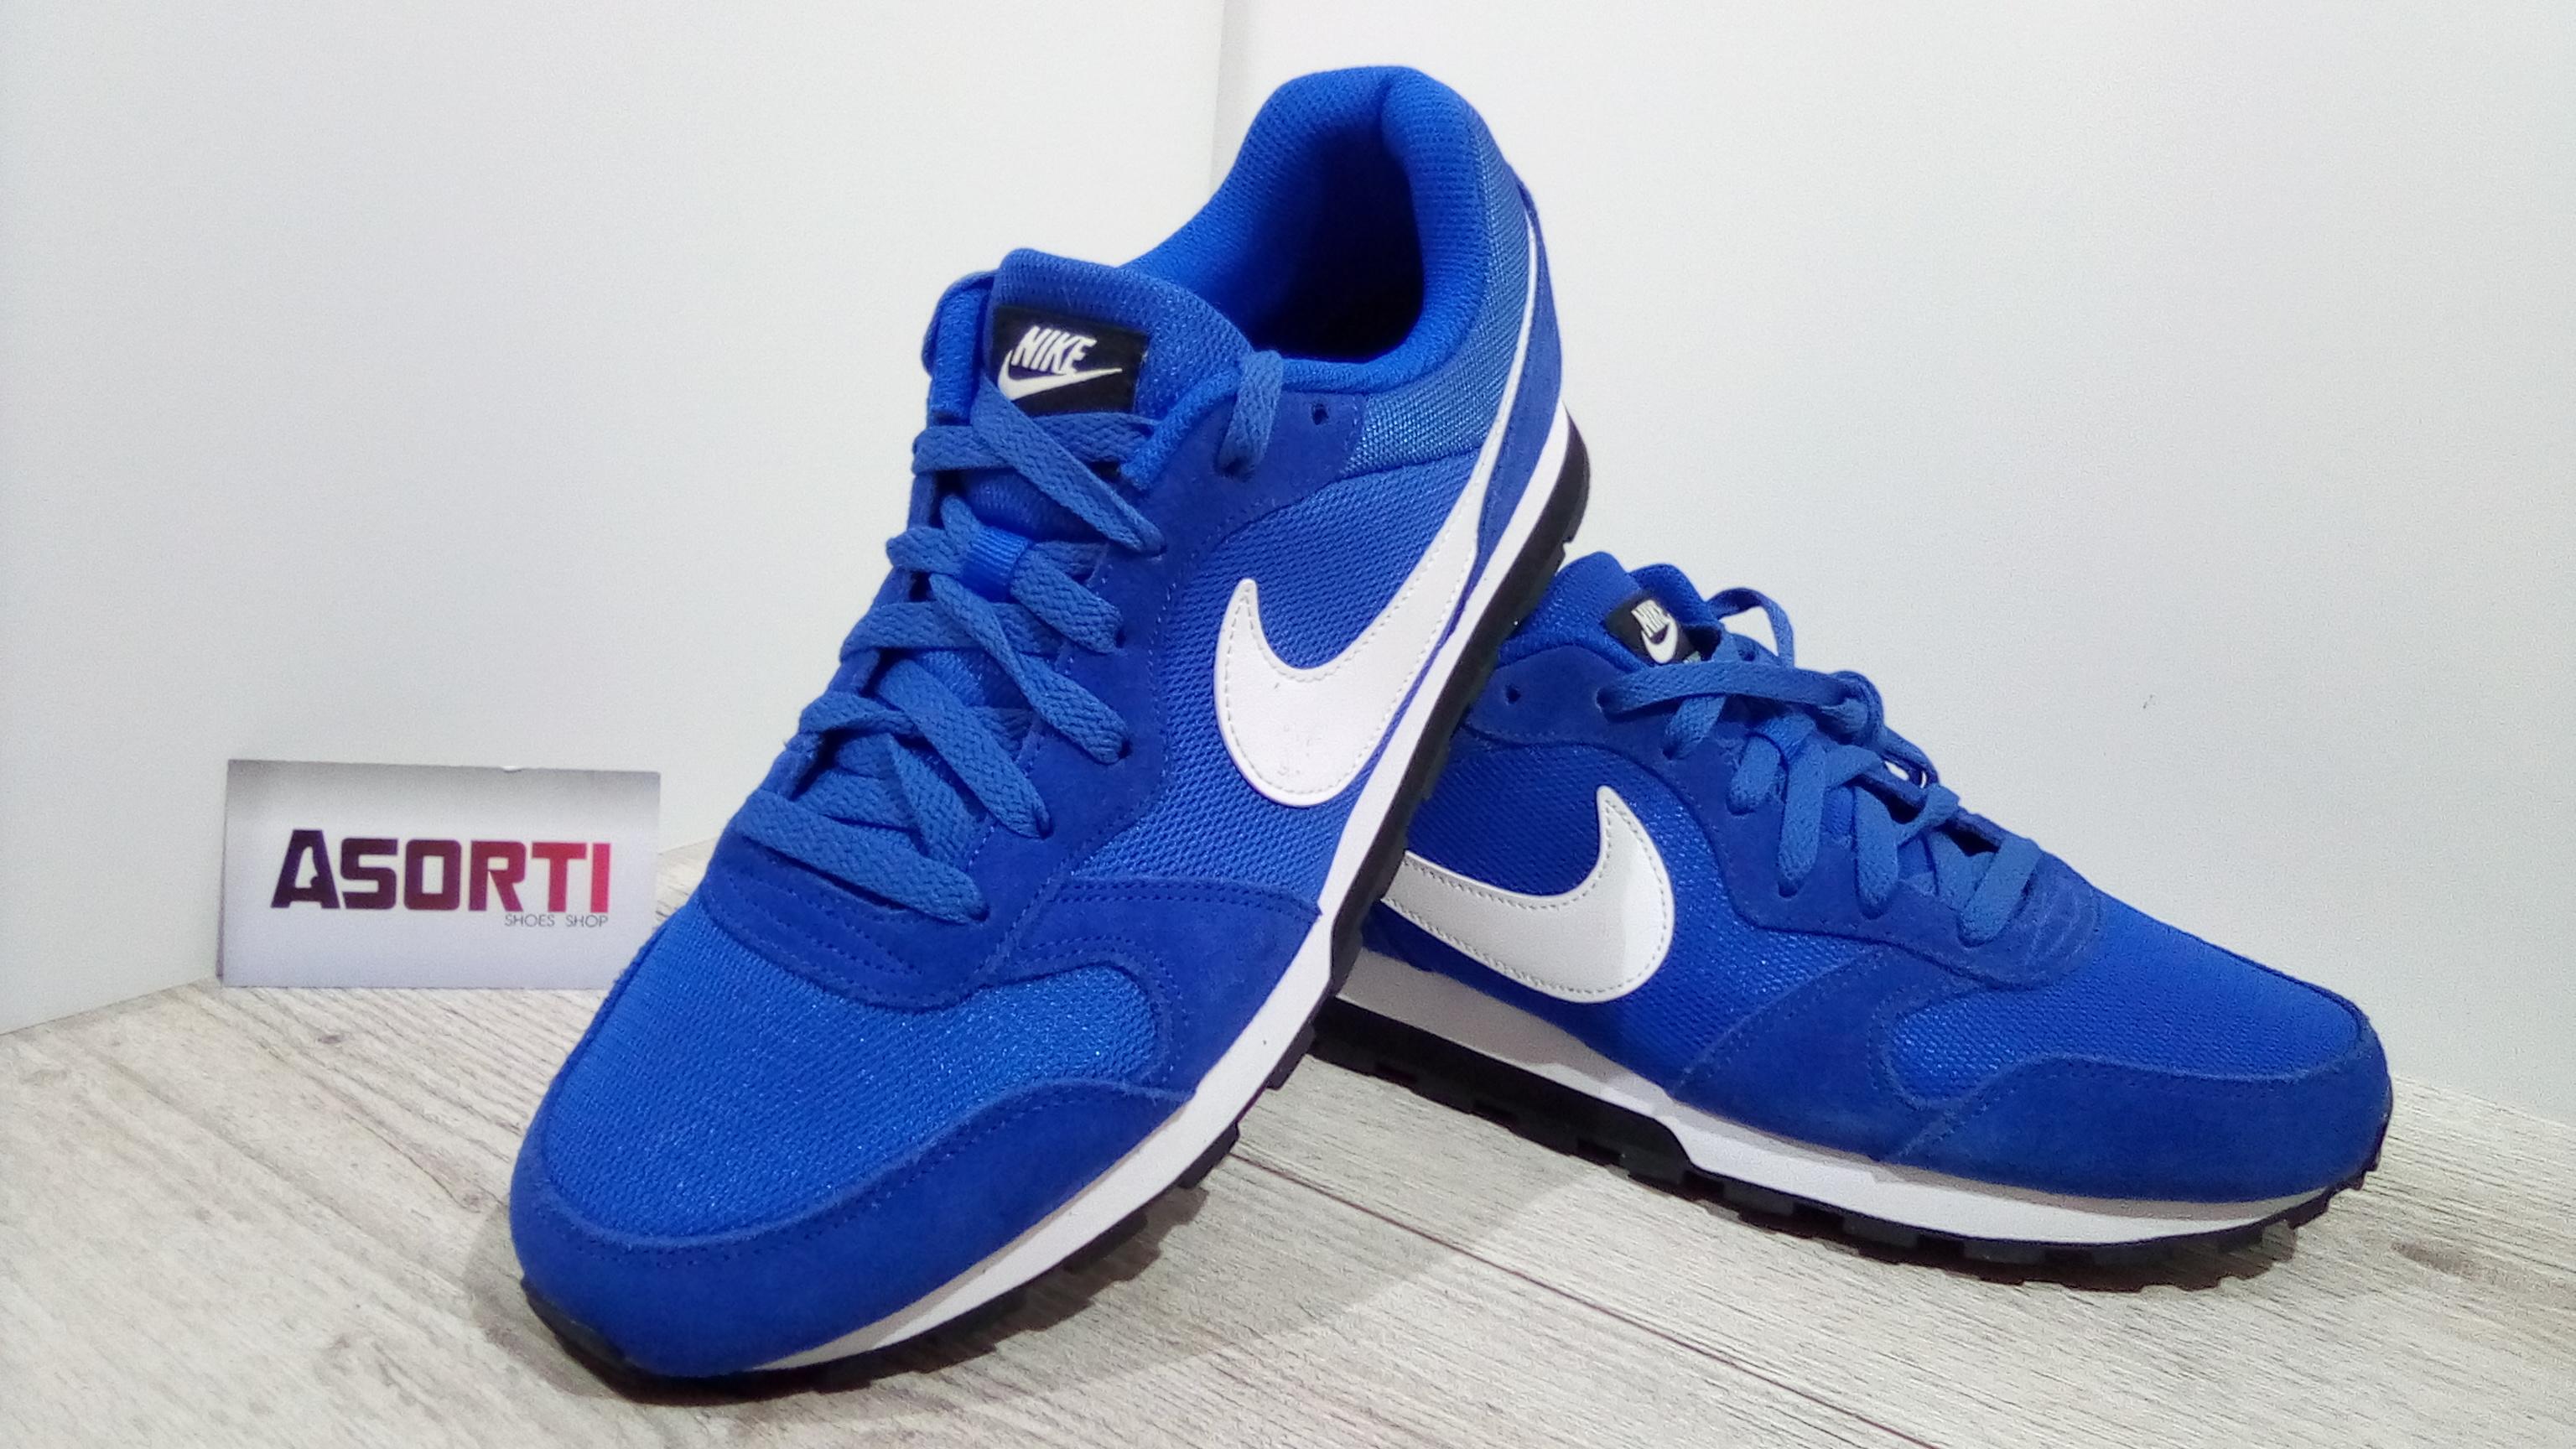 2f8e2925 Чоловічі бігові кросівки Nike MD Runner 2 (749794-414) сині купити в ...